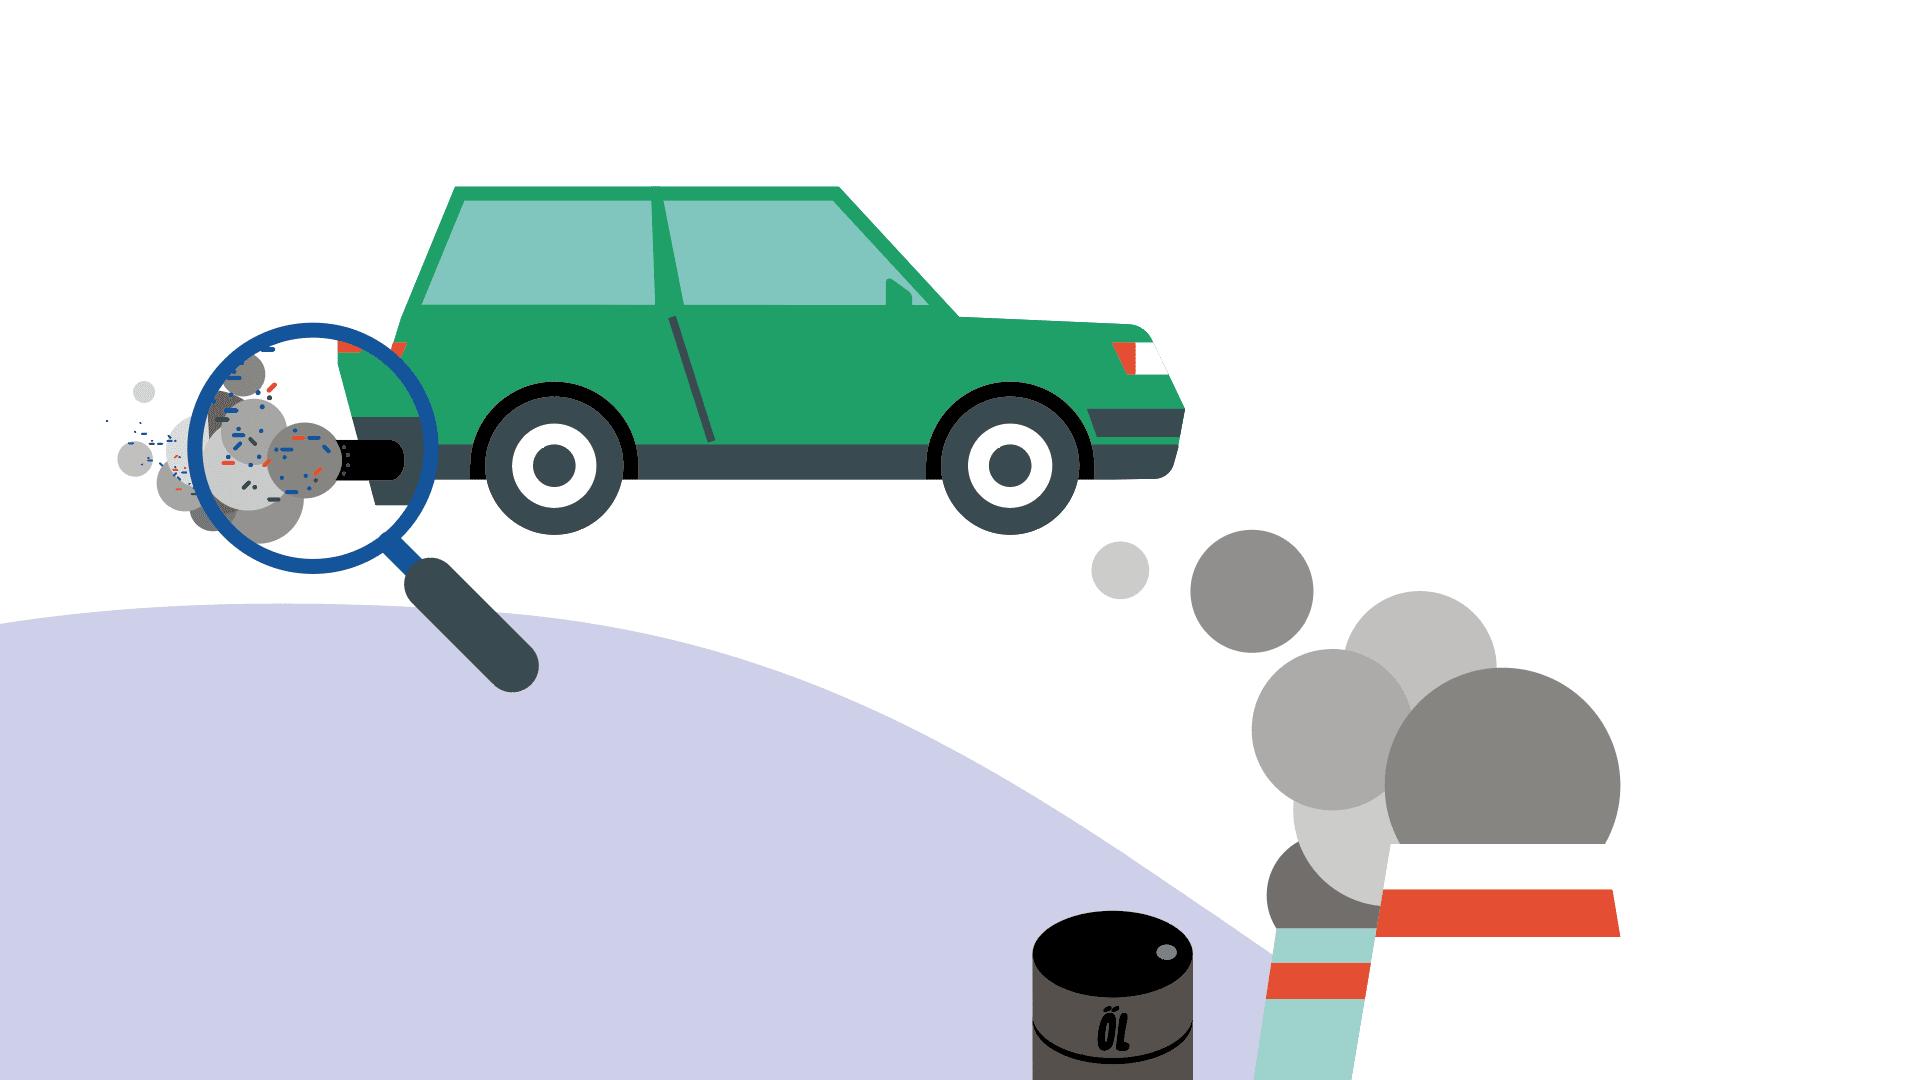 Gezeichnet wird dargestellt, woher die Abgase kommen: z.B. von Autoabgasen und aus Kohleanlagen.